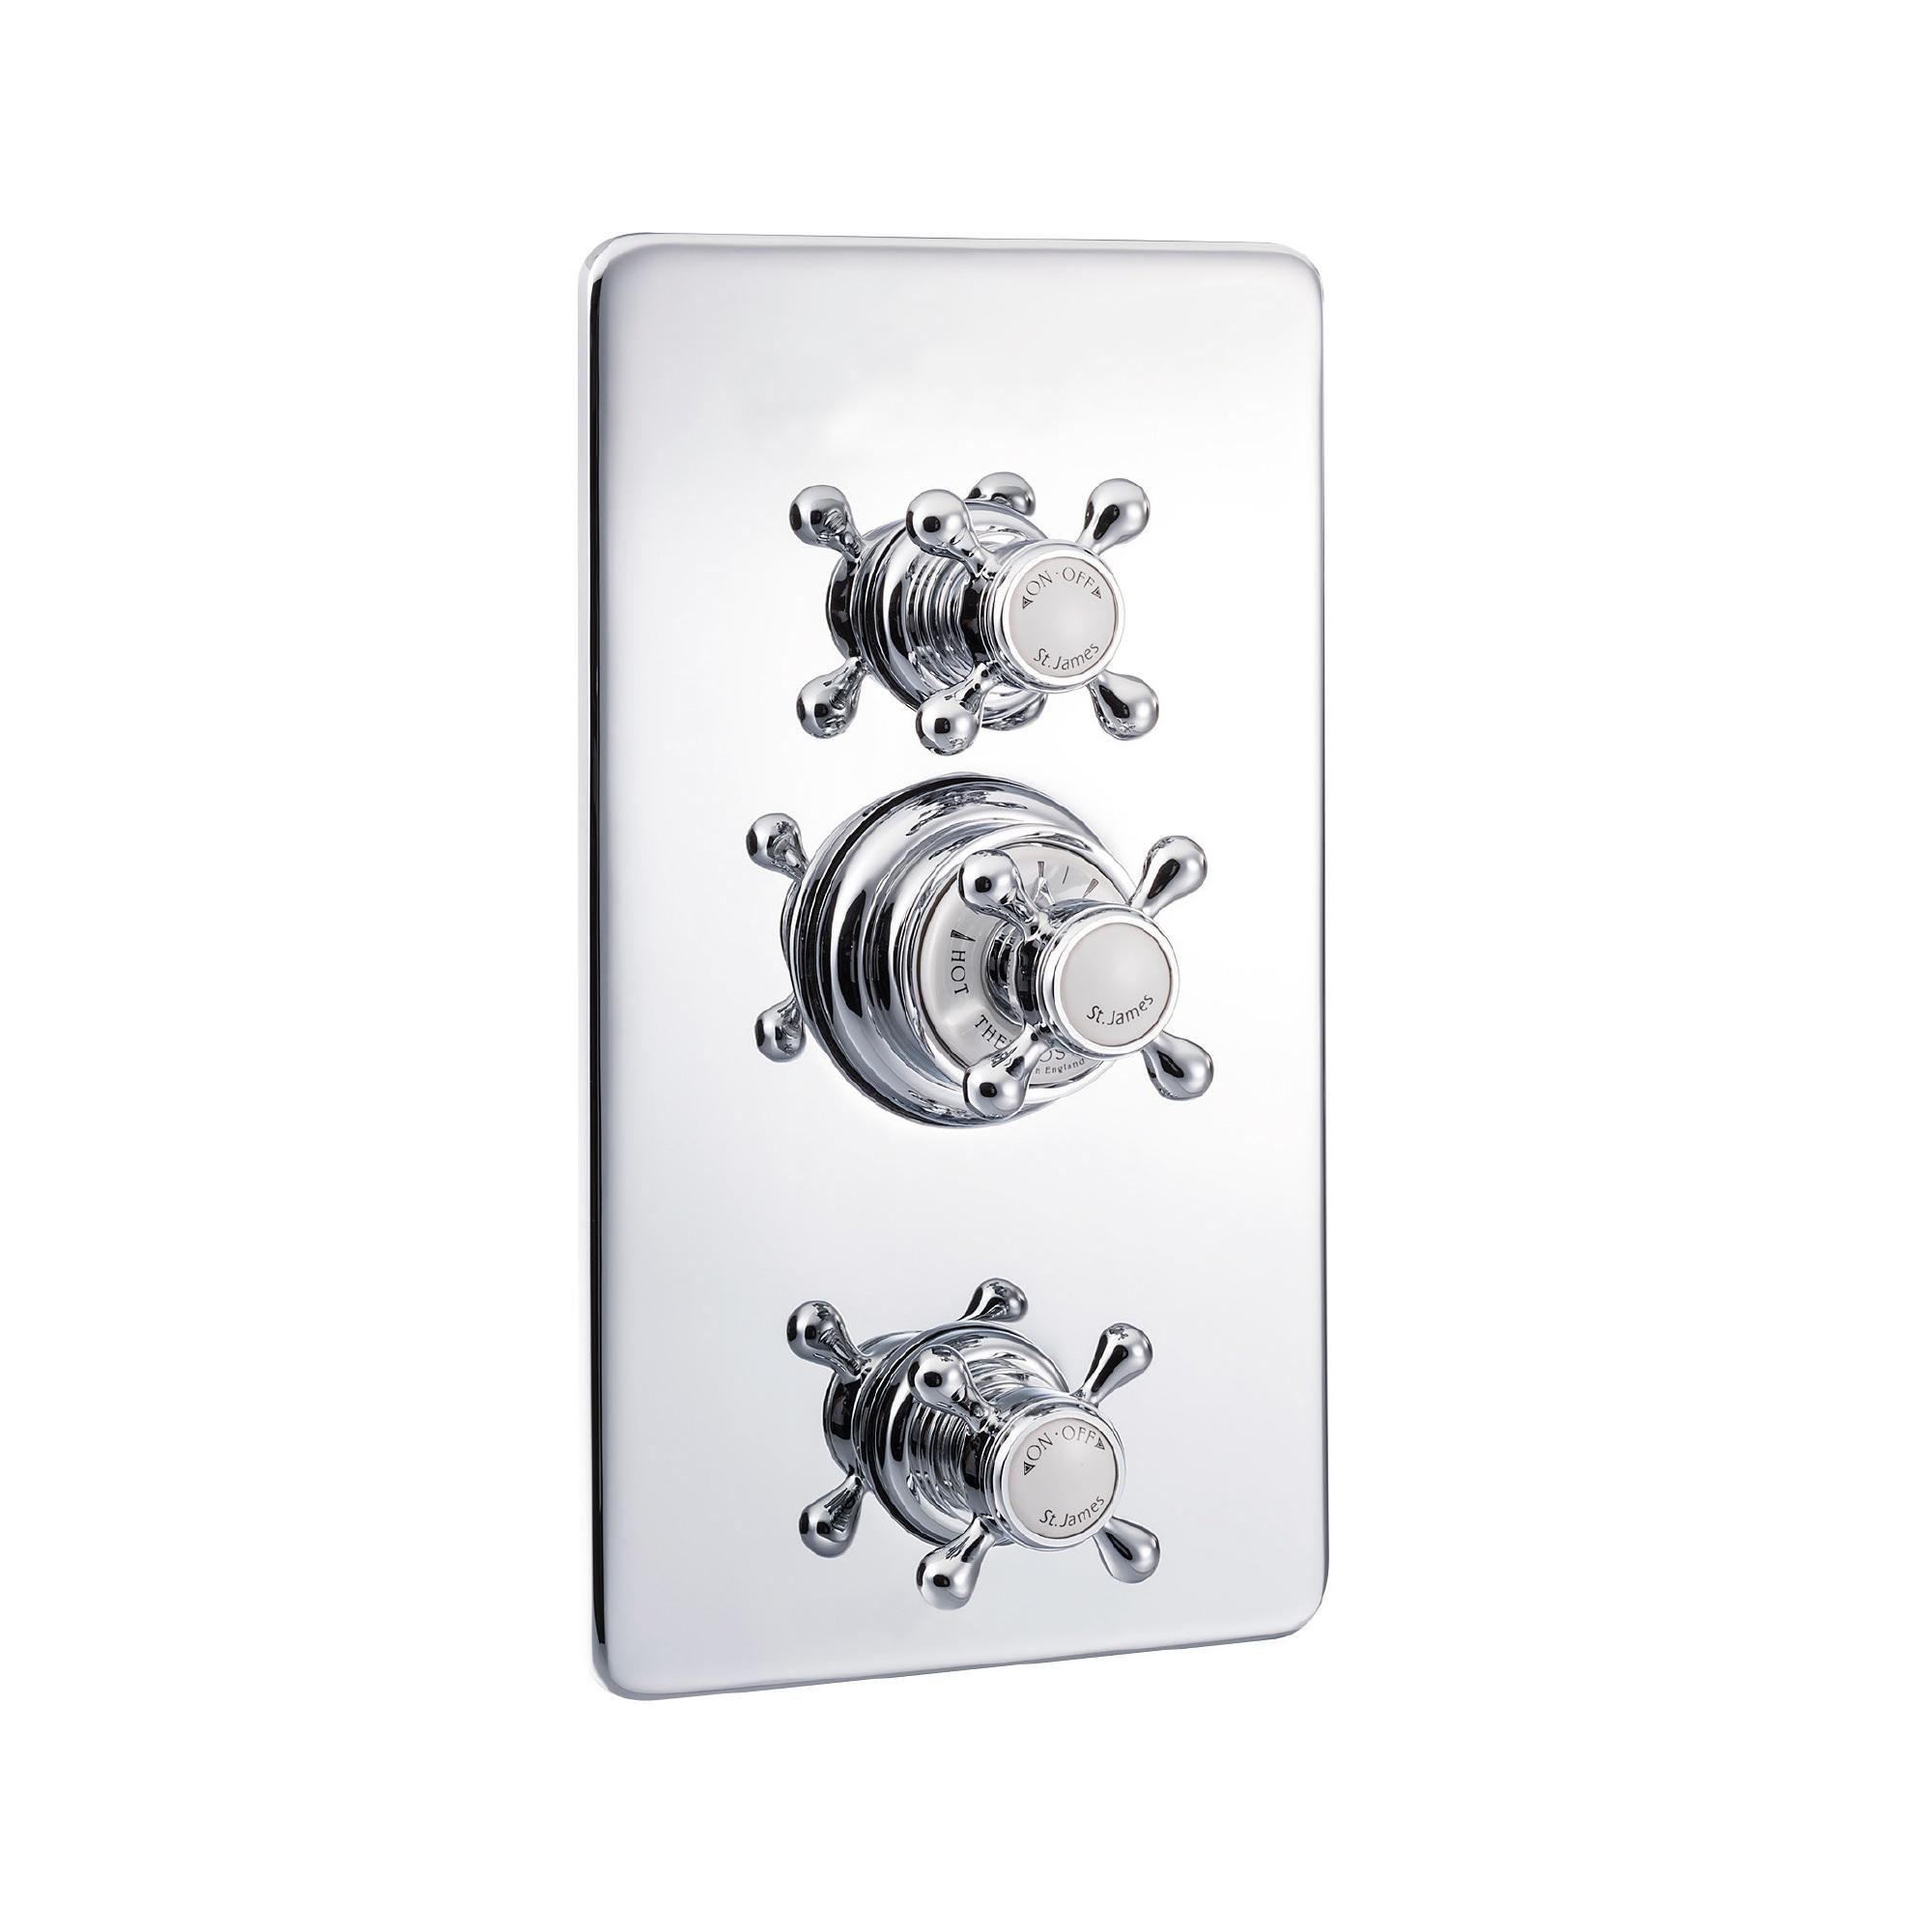 Duscharmatur Mit Thermostat : Thermostat-Duscharmatur mit Abdeckplatte ? TRADITIONAL BATHROOMS